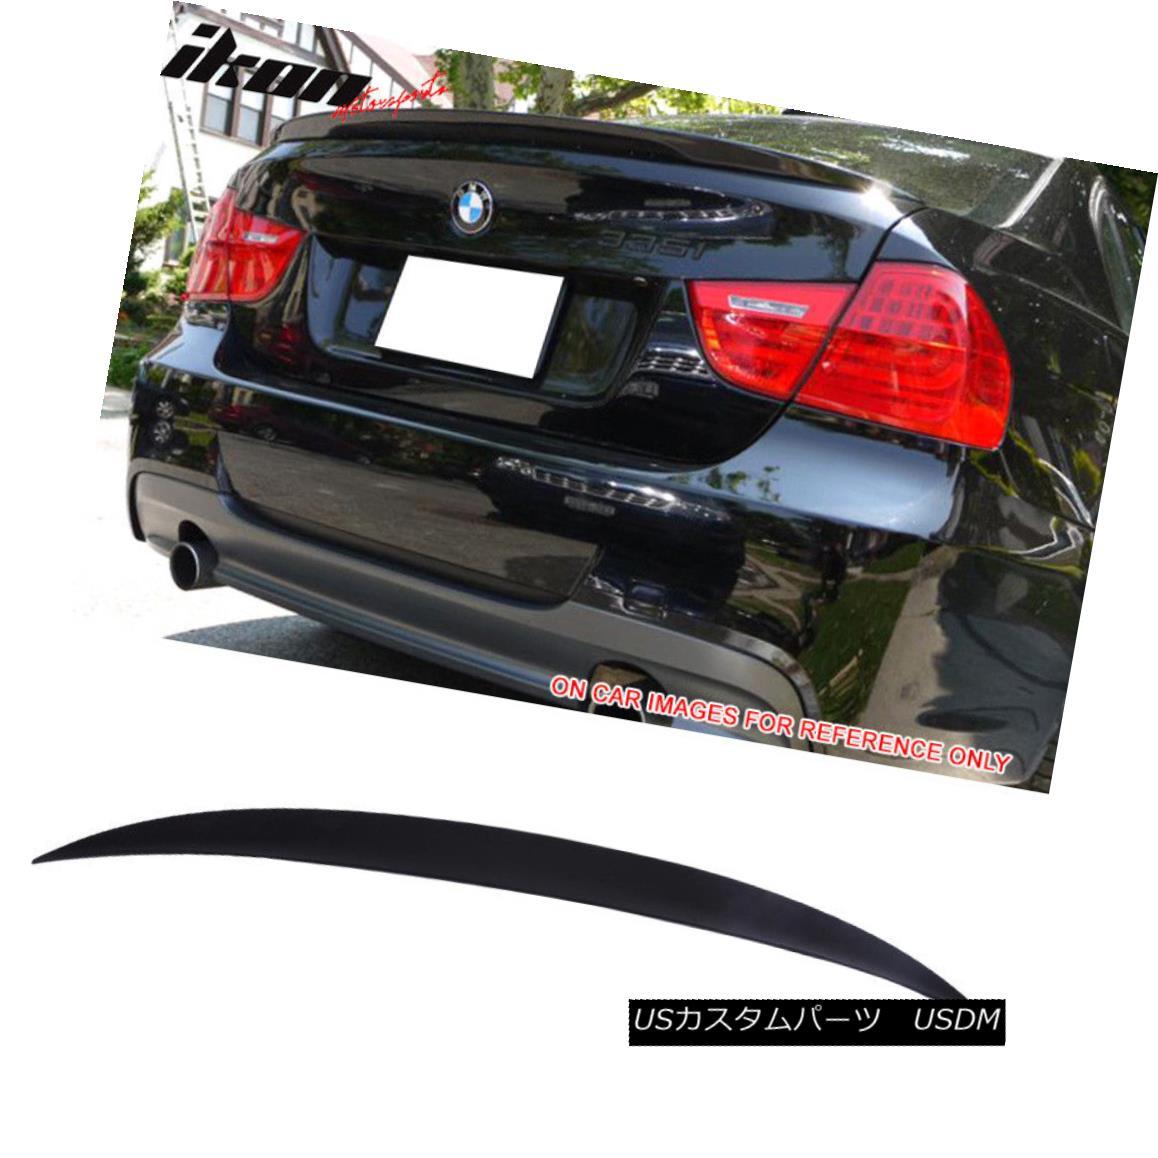 エアロパーツ Fits 06-11 BMW E90 Sedan Performance Unpainted ABS High Kick Trunk Spoiler フィット06-11 BMW E90セダンパフォーマンス未塗装ABSハイキックトランクスポイラー